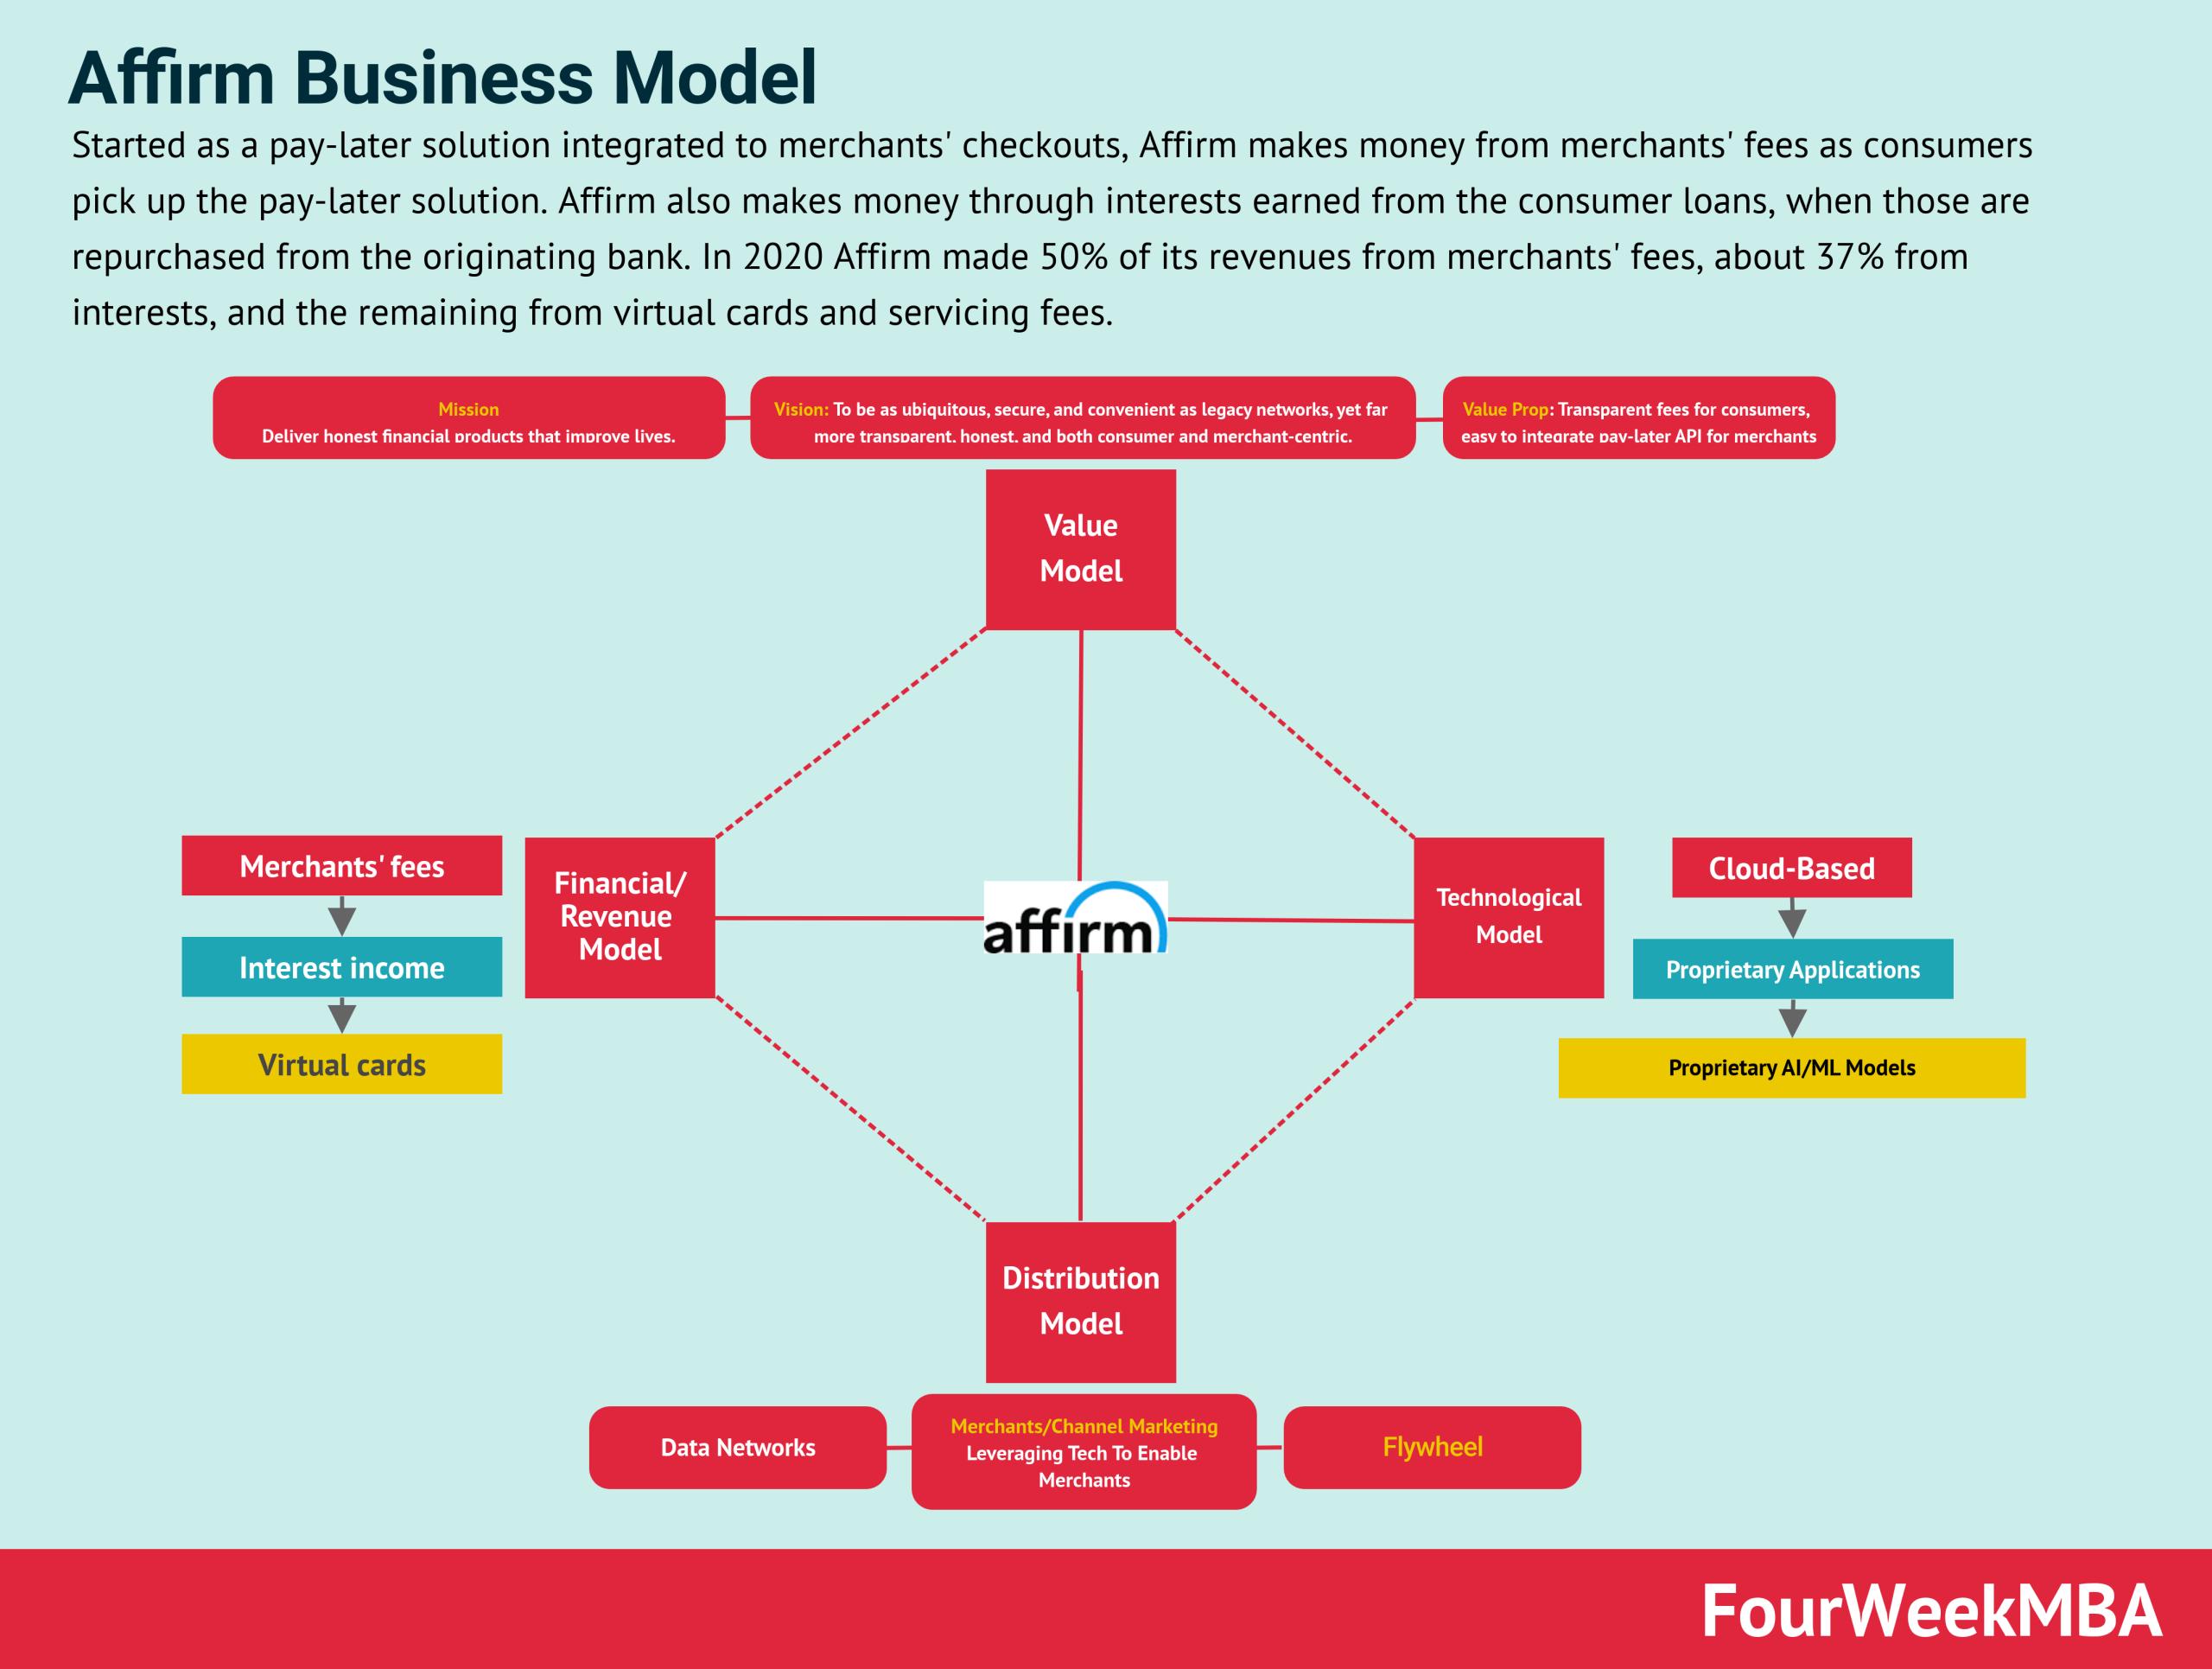 affirm-business-model